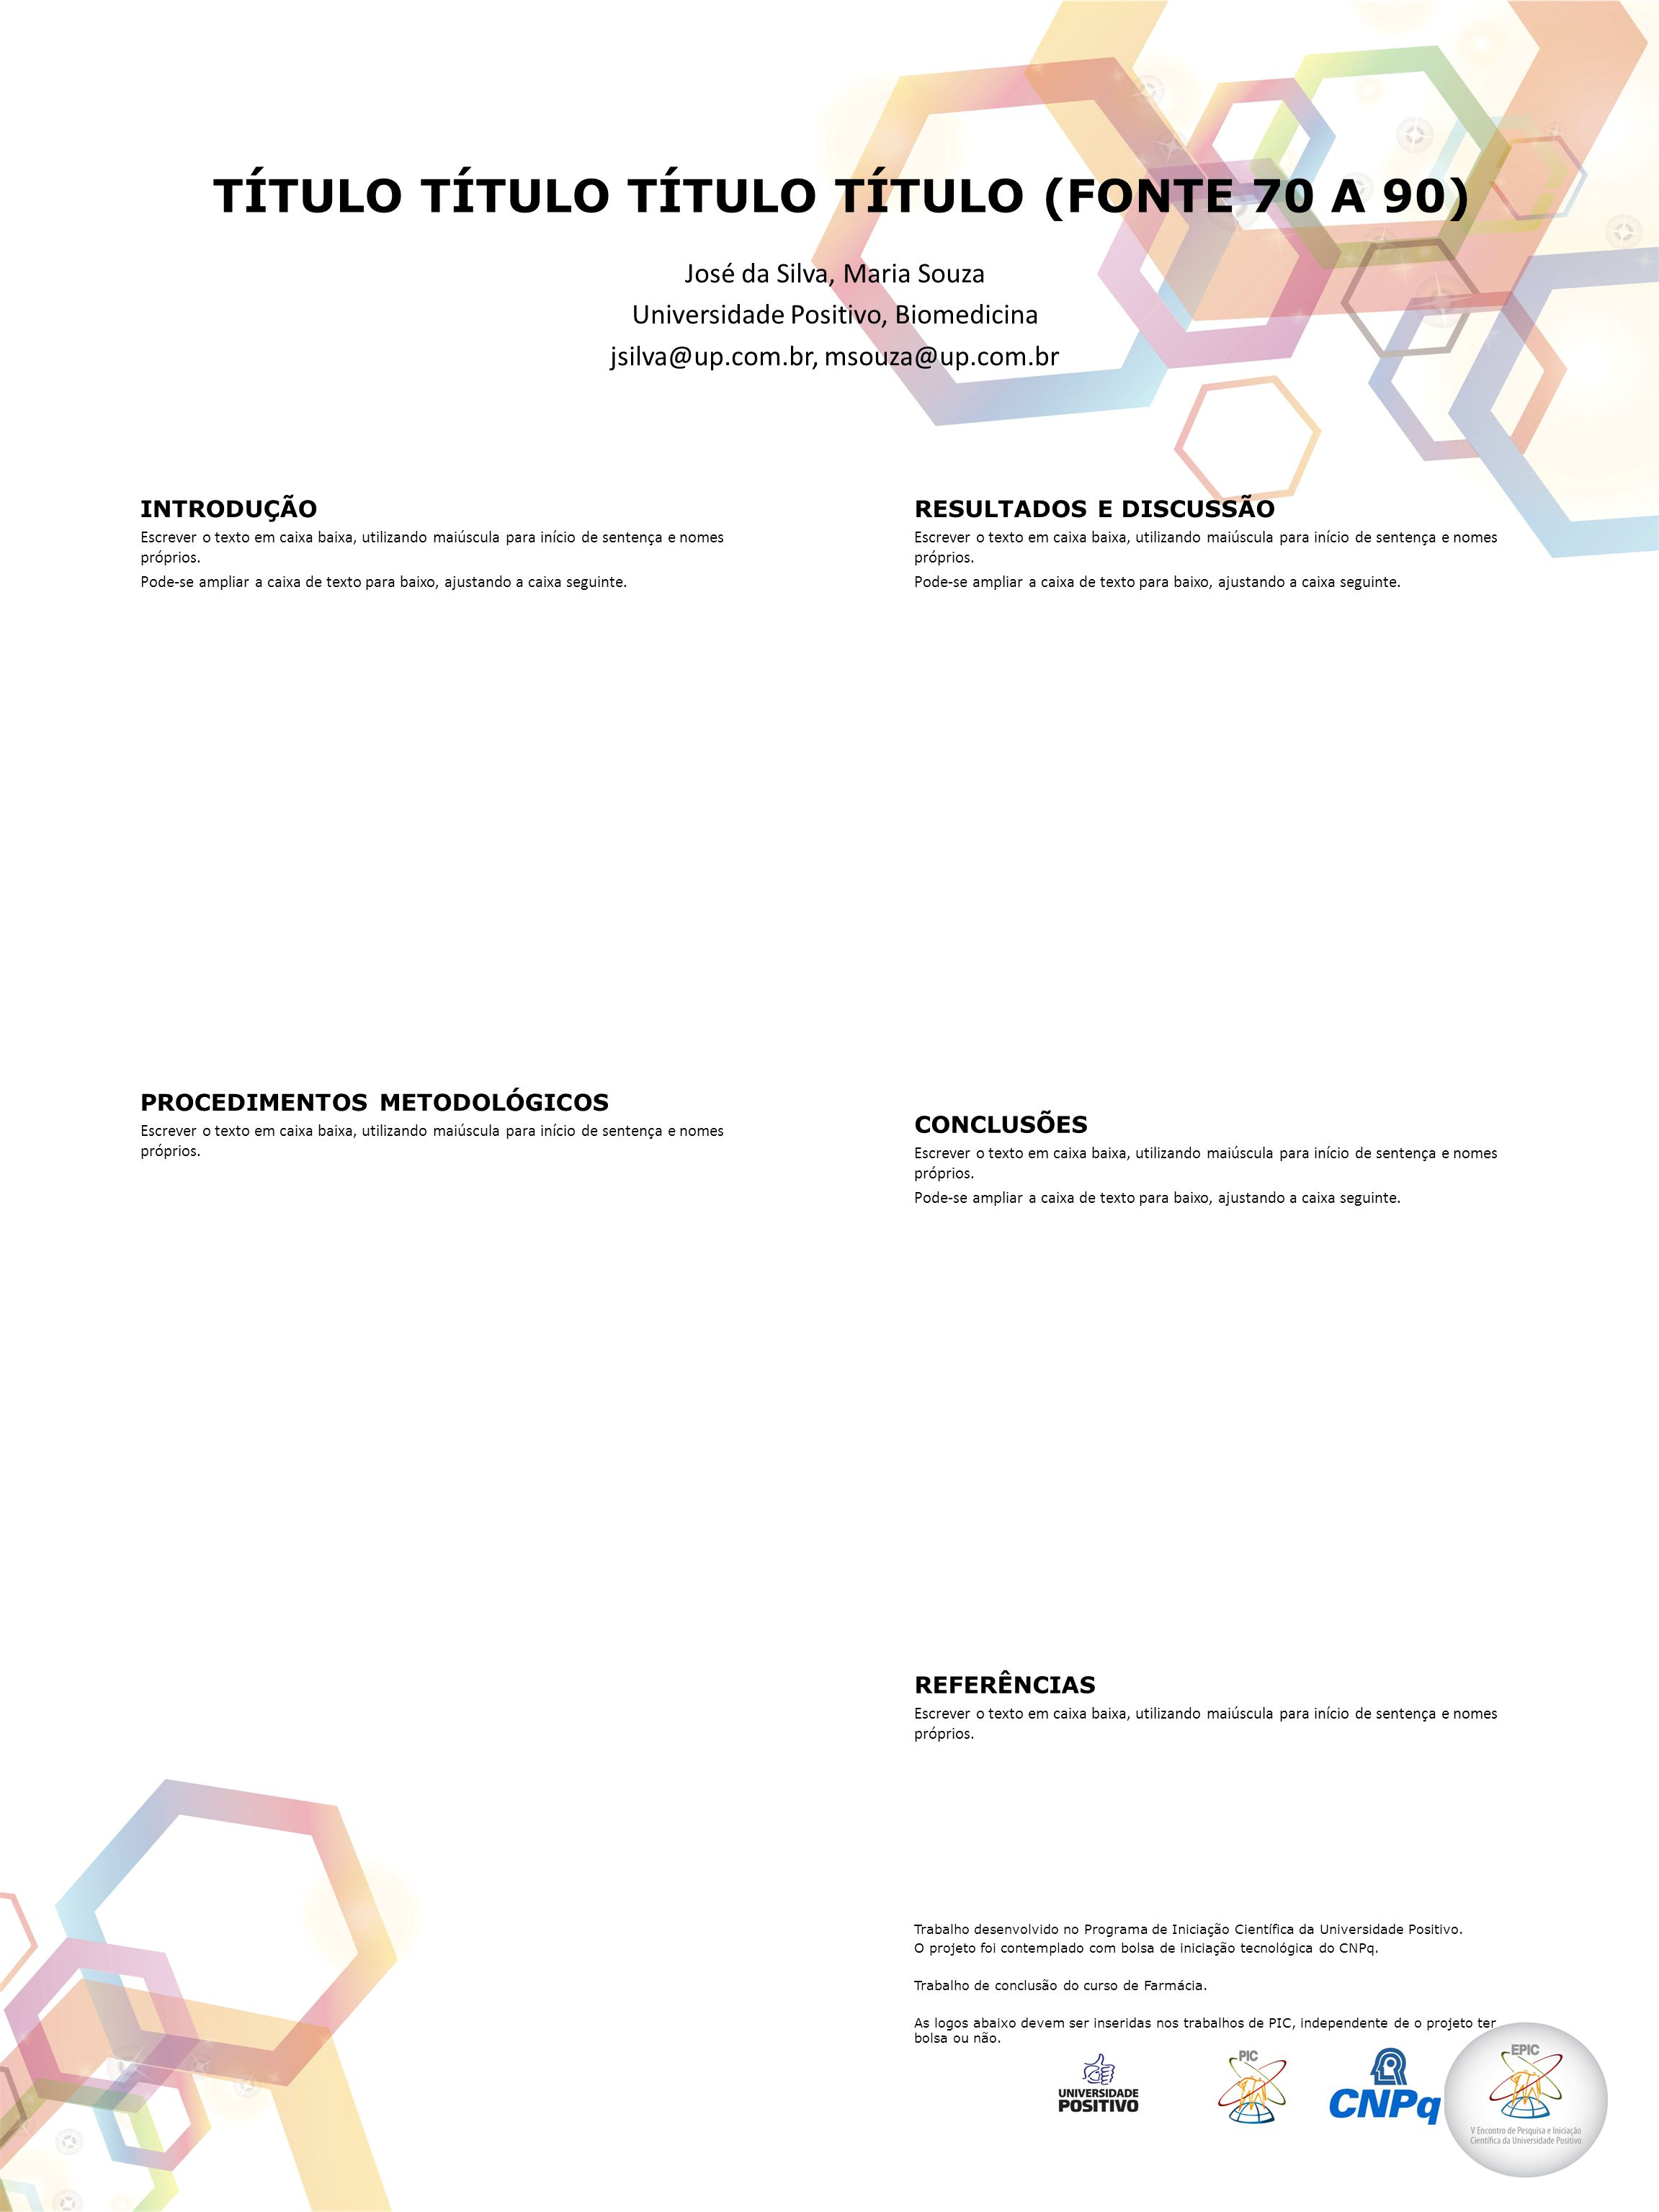 TÍTULO TÍTULO TÍTULO TÍTULO (FONTE 70 A 90) José da Silva, Maria Souza Universidade Positivo, Biomedicina jsilva@up.com.br, msouza@up.com.br INTRODUÇÃO Escrever o texto em caixa baixa, utilizando maiúscula para início de sentença e nomes próprios.